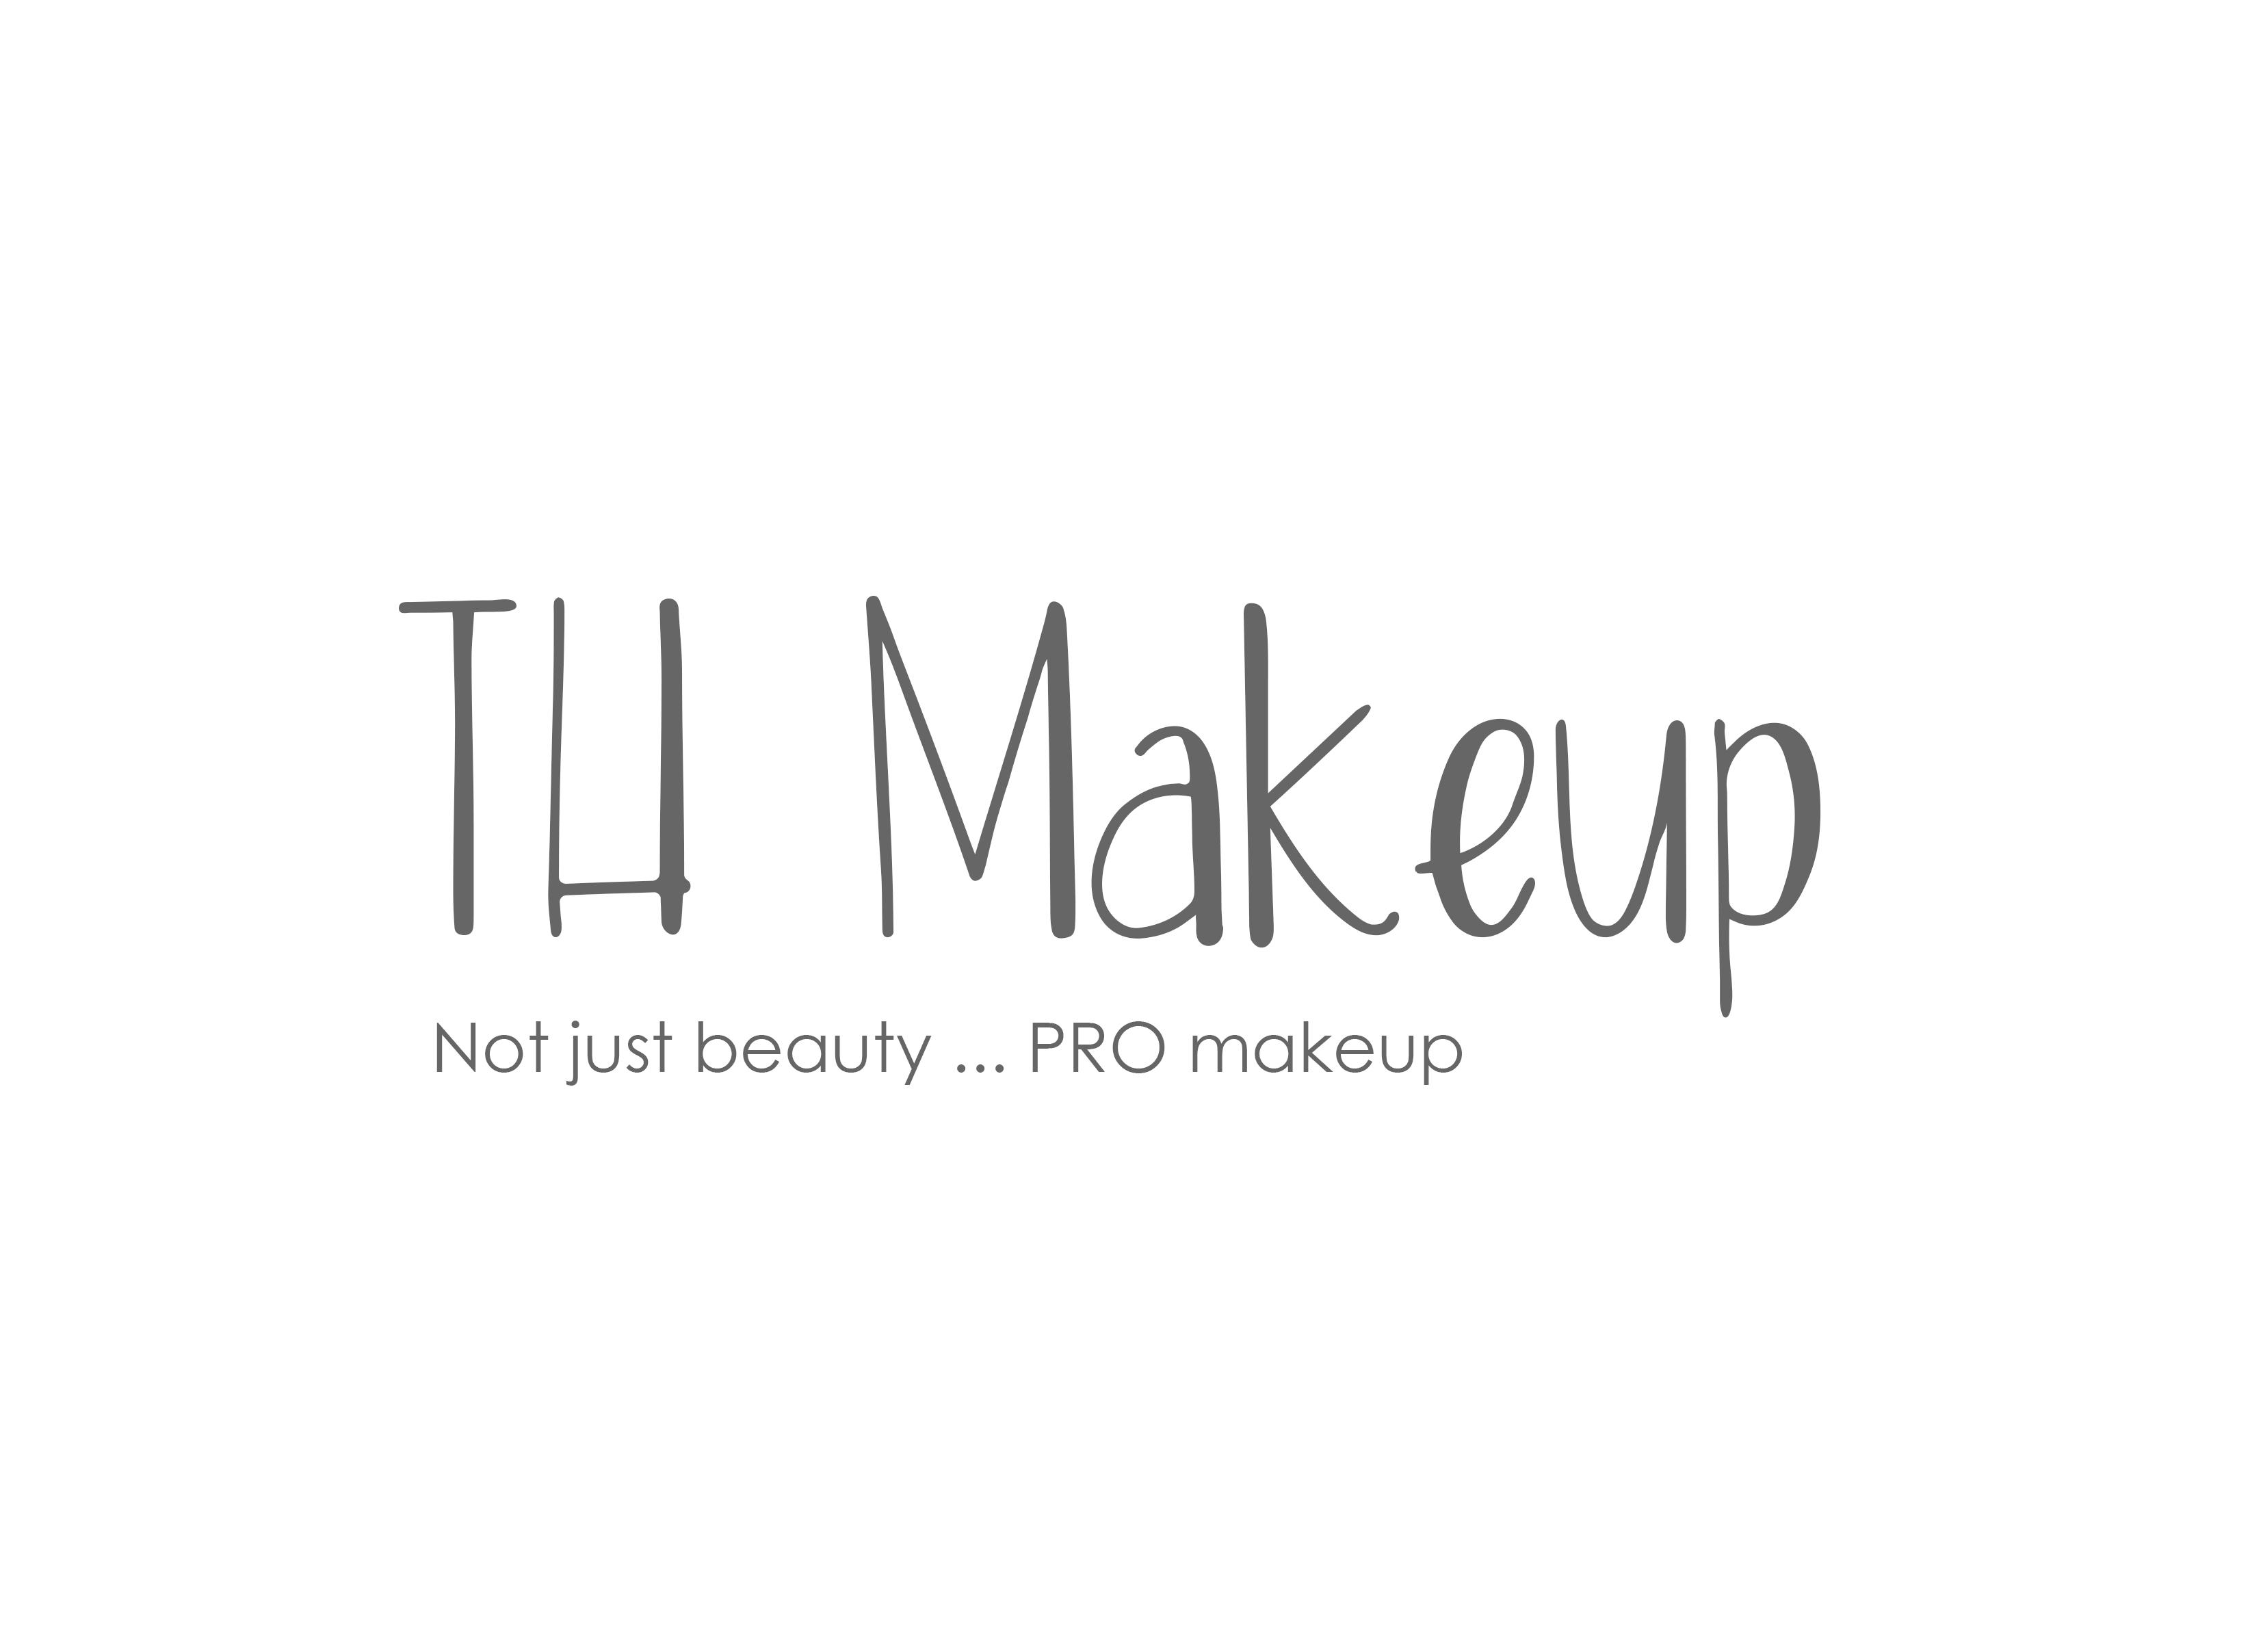 Character and Makeup Kits